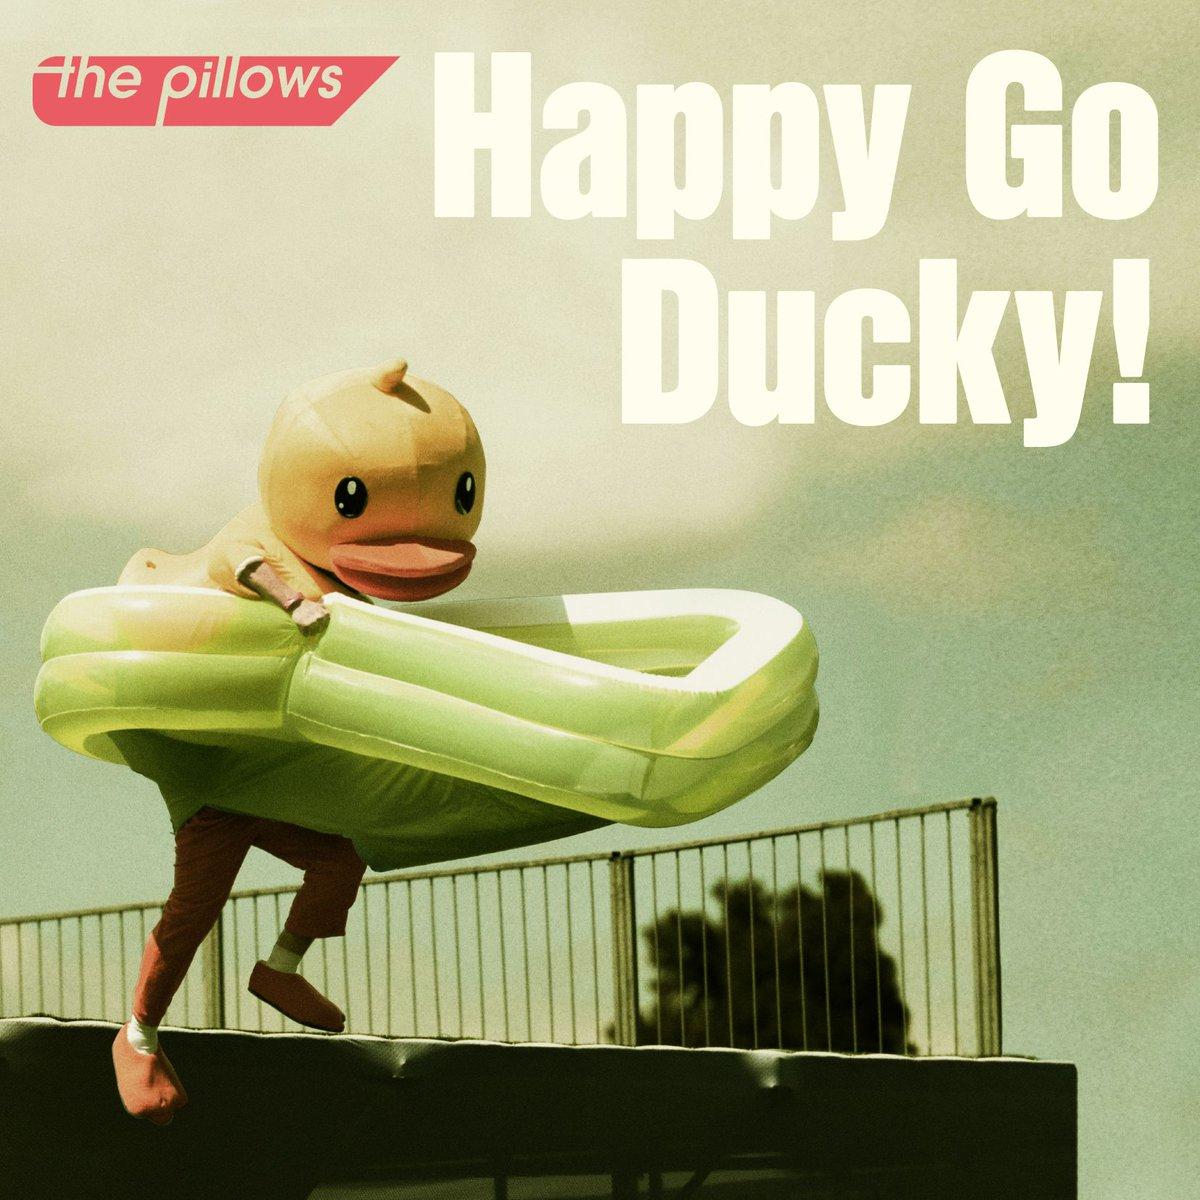 Happy Go Ducky!